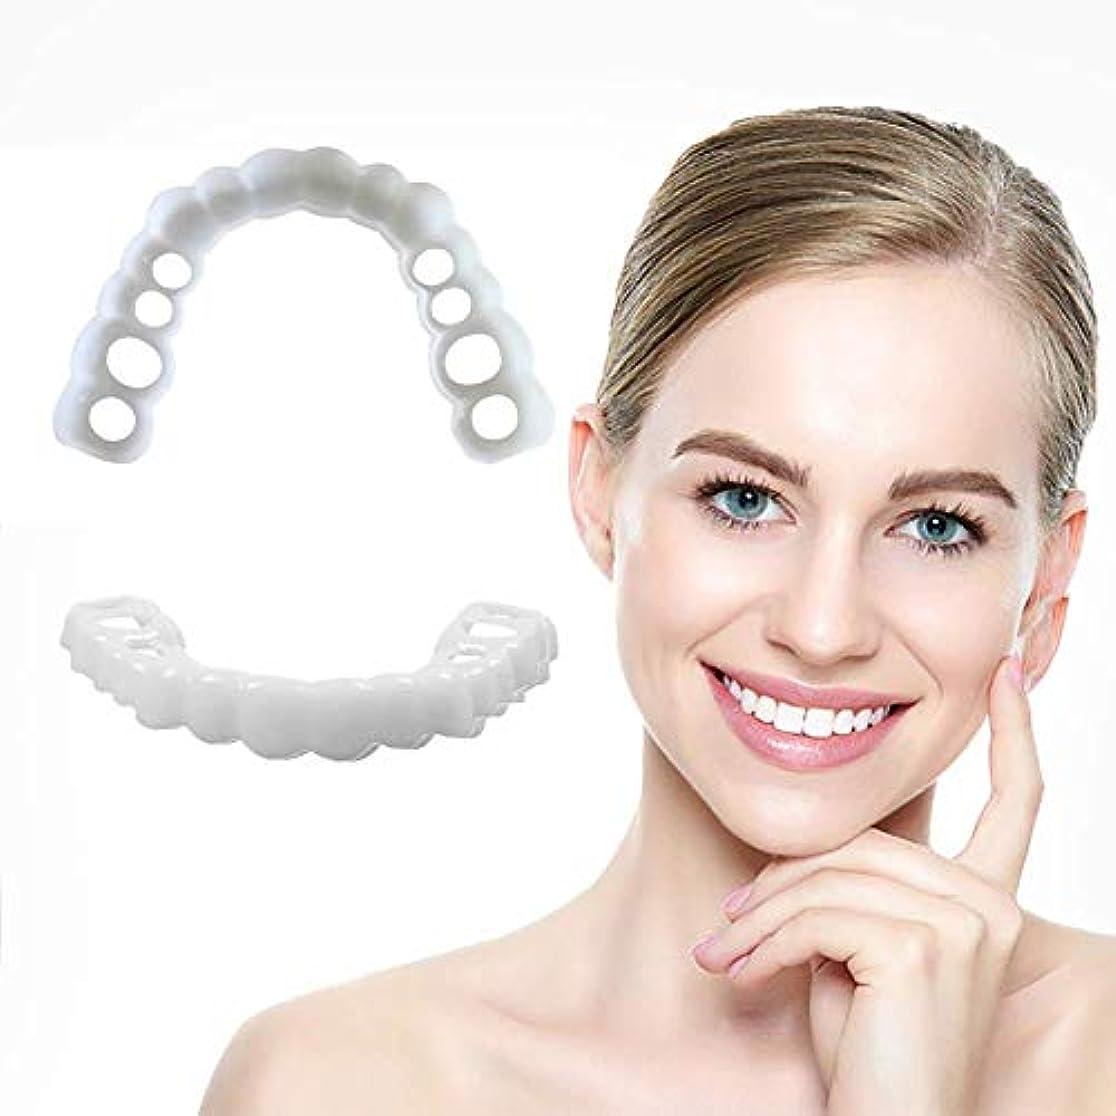 演劇面積パスタセットの第二世代のシリコーンのシミュレーションの歯科用義歯を白くする上下の歯の模擬装具,7pcs,Upperteeth